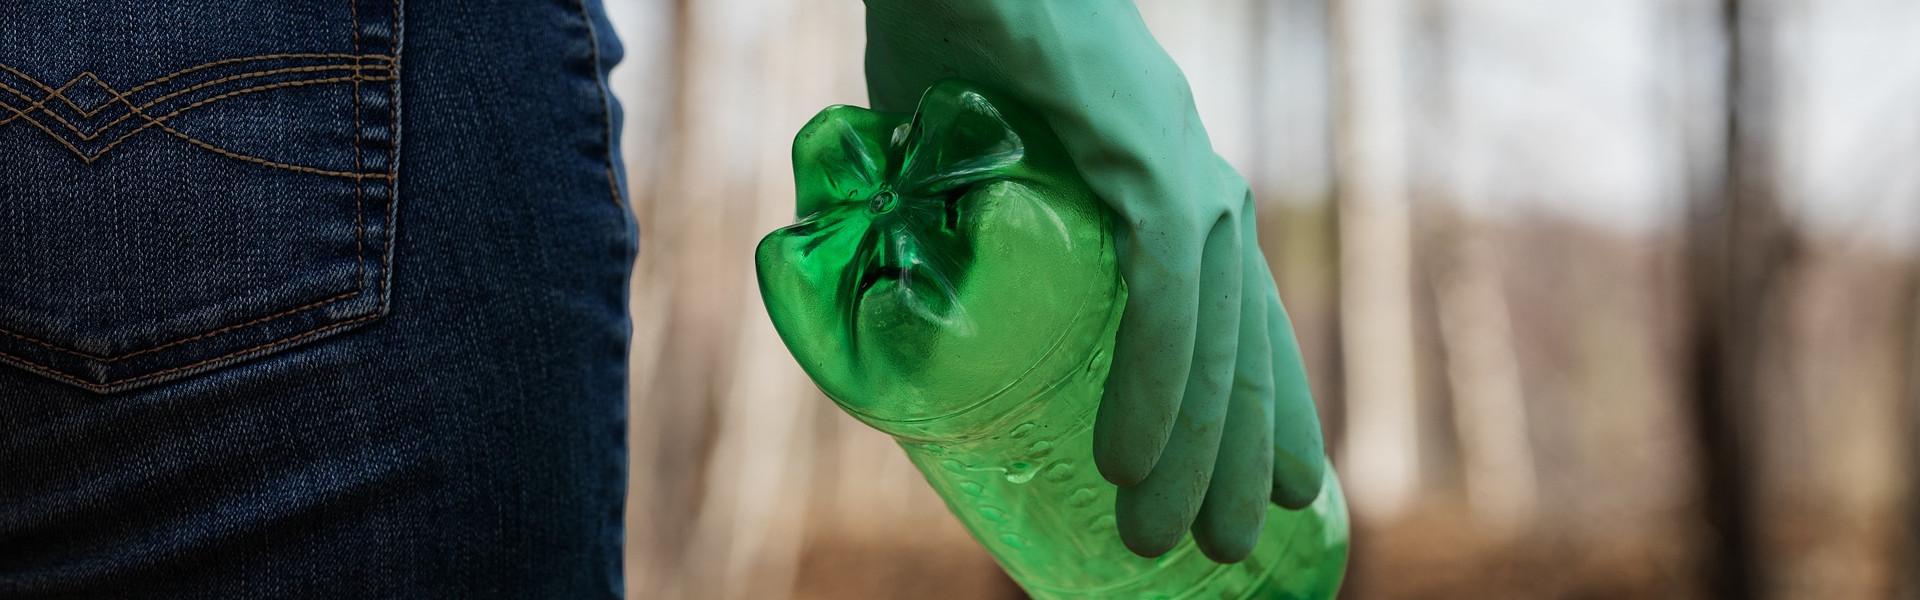 Reciclagem com Responsabilidade.- DDN Gestão de resíduos - Reciclagem de Lâmpadas Fluorescentes e LED em Balneário Camboriú, Camboriú, Itajaí, Itapema e região.